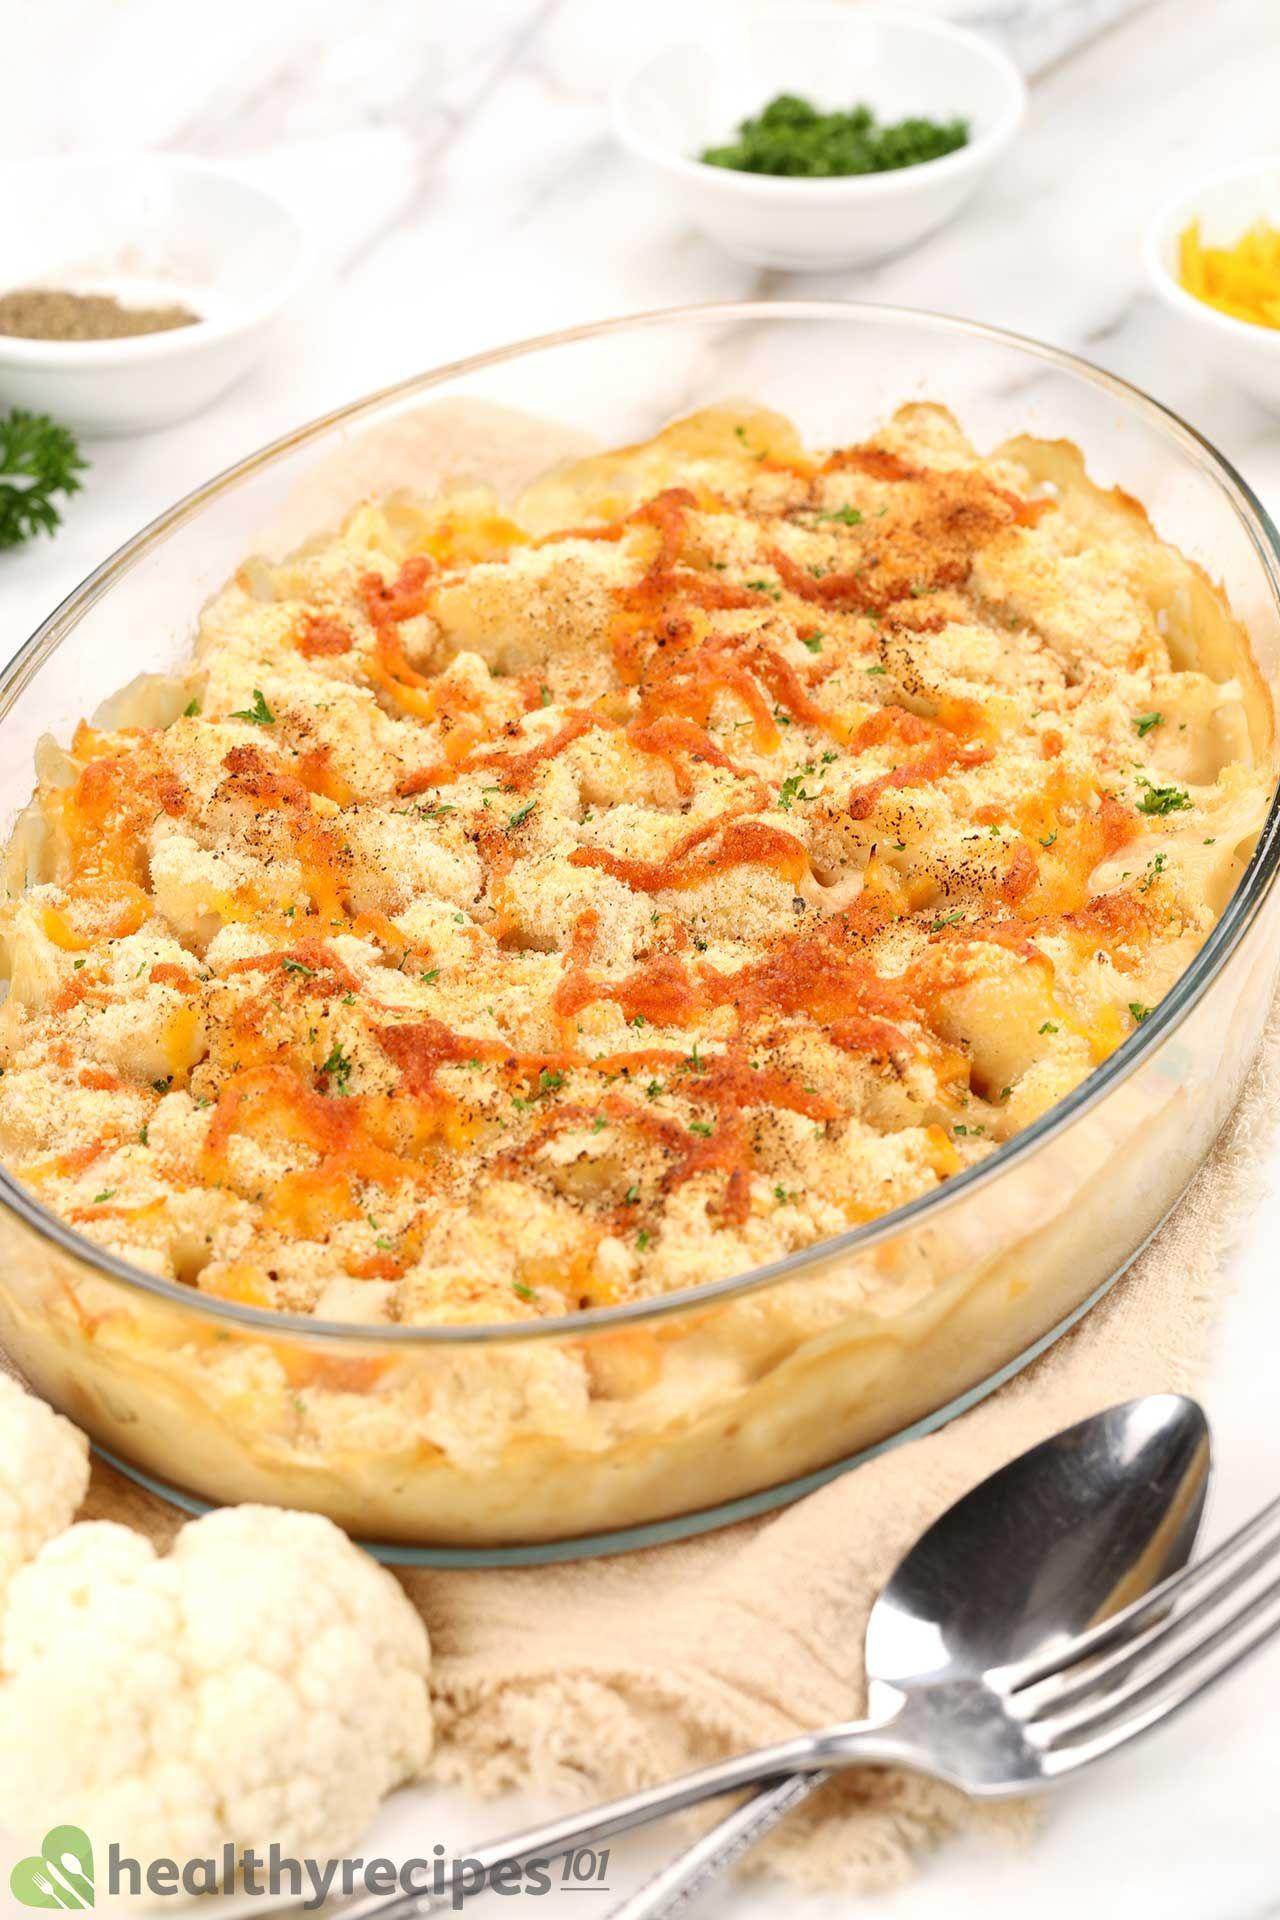 Homemade Cauliflower Mac And Cheese Recipe